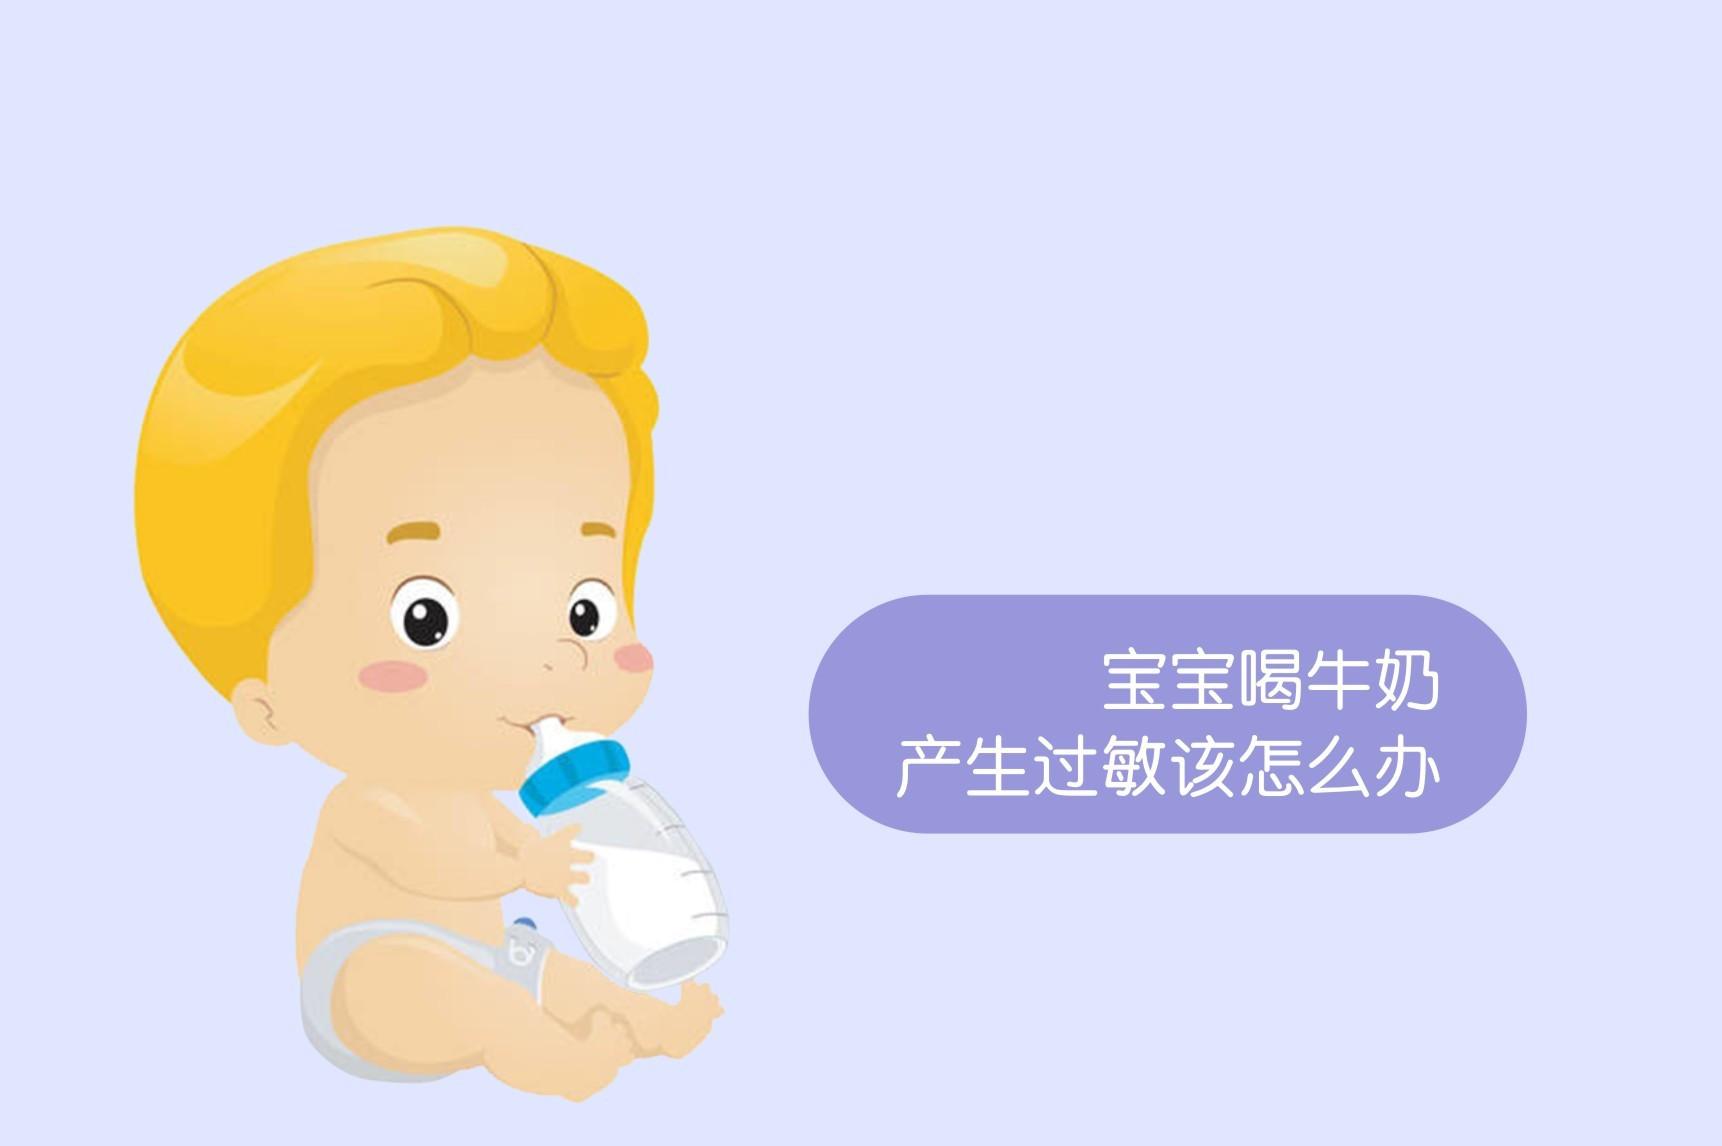 宝宝食物过敏不容小觑它的杀伤力